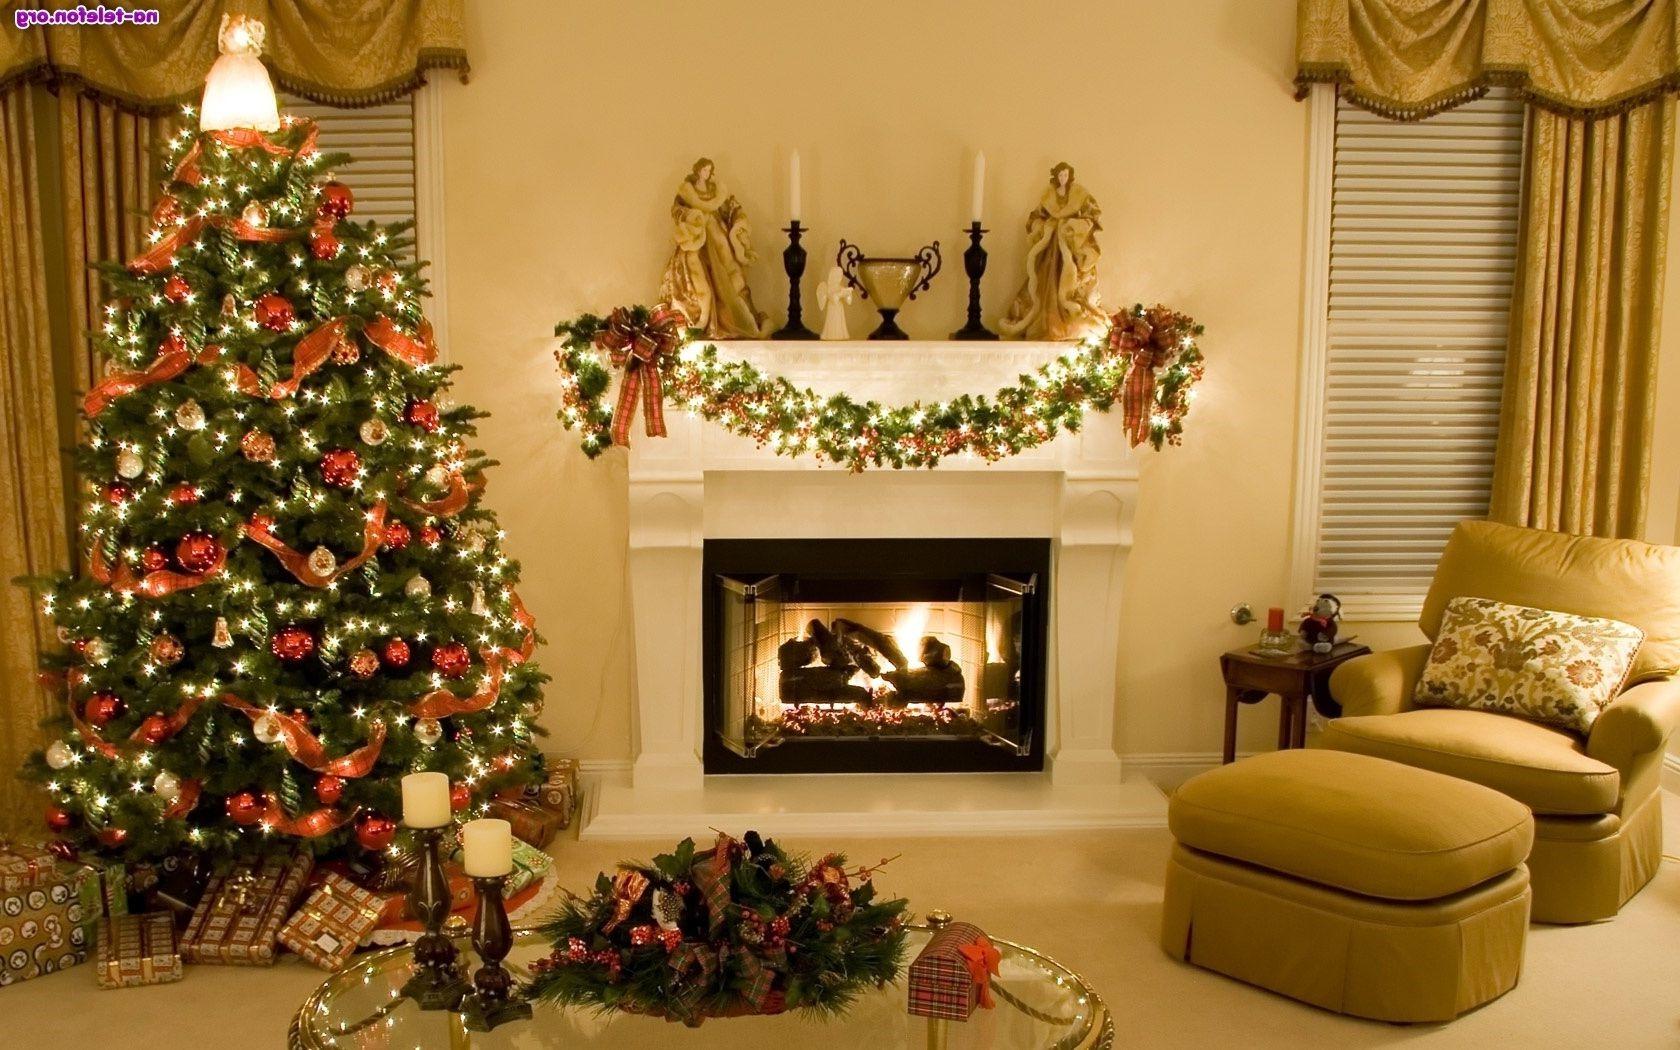 Déco de Noël GiFi: sapin artificiel et ornements élégants.